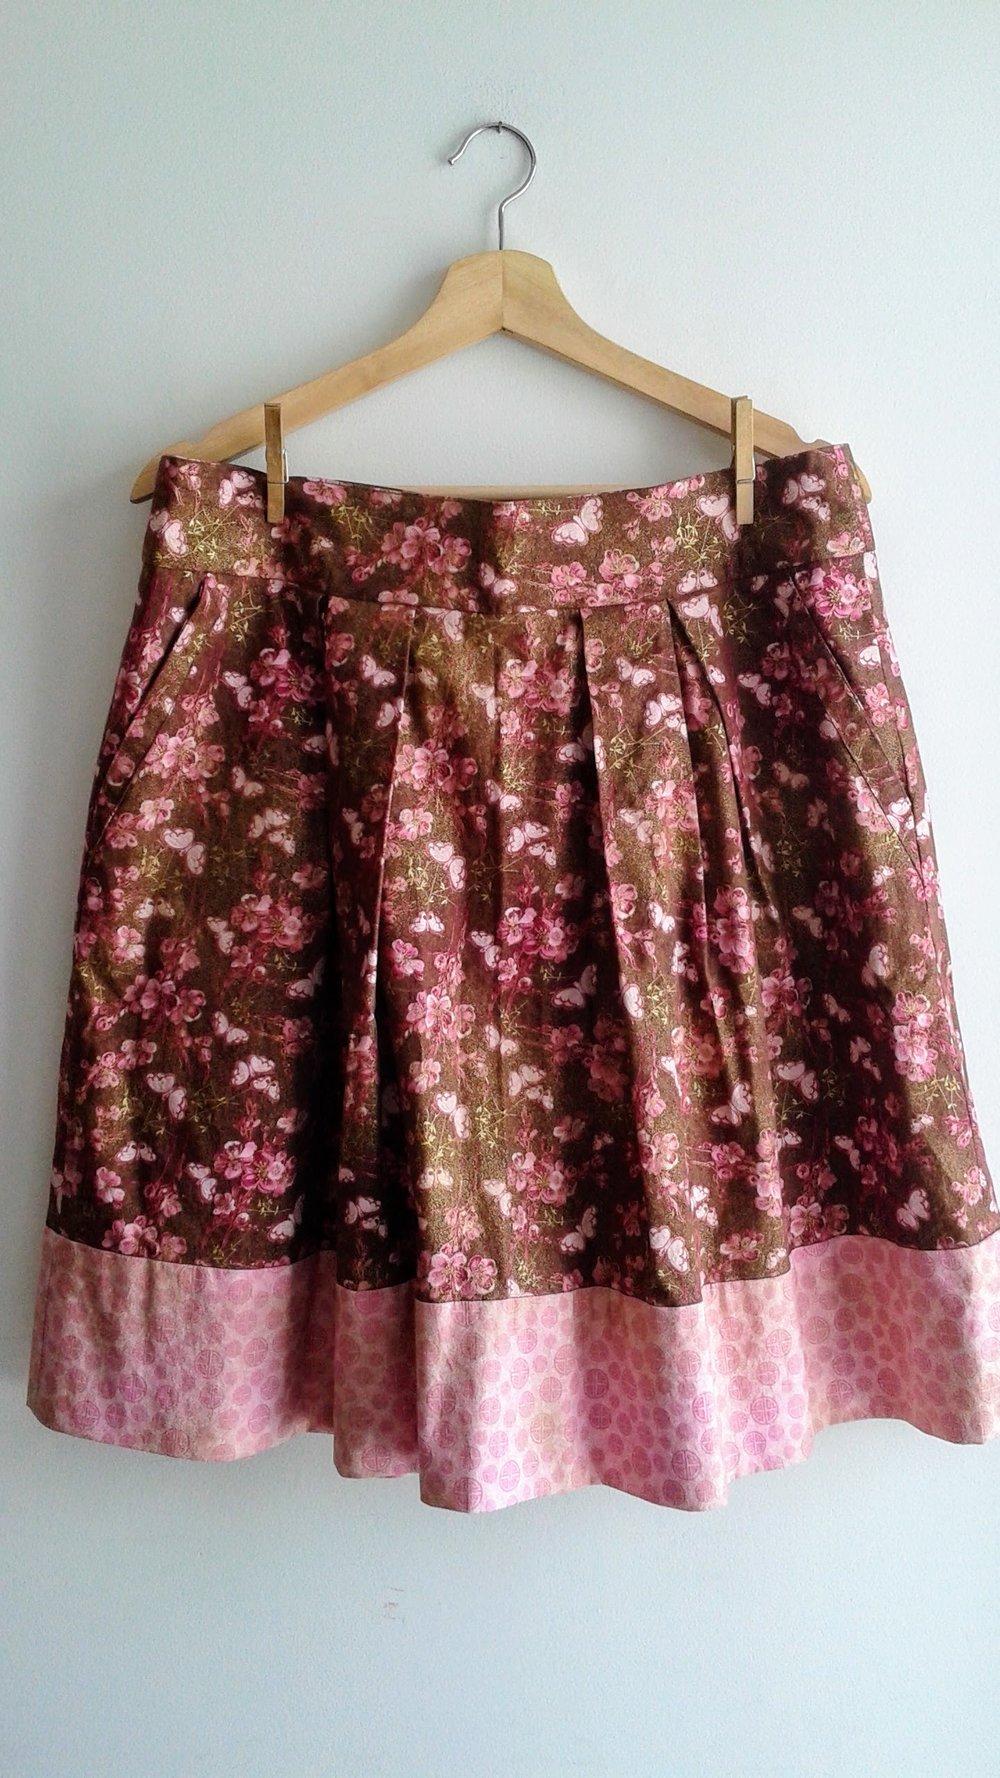 Handmade skirt; Size L, $28